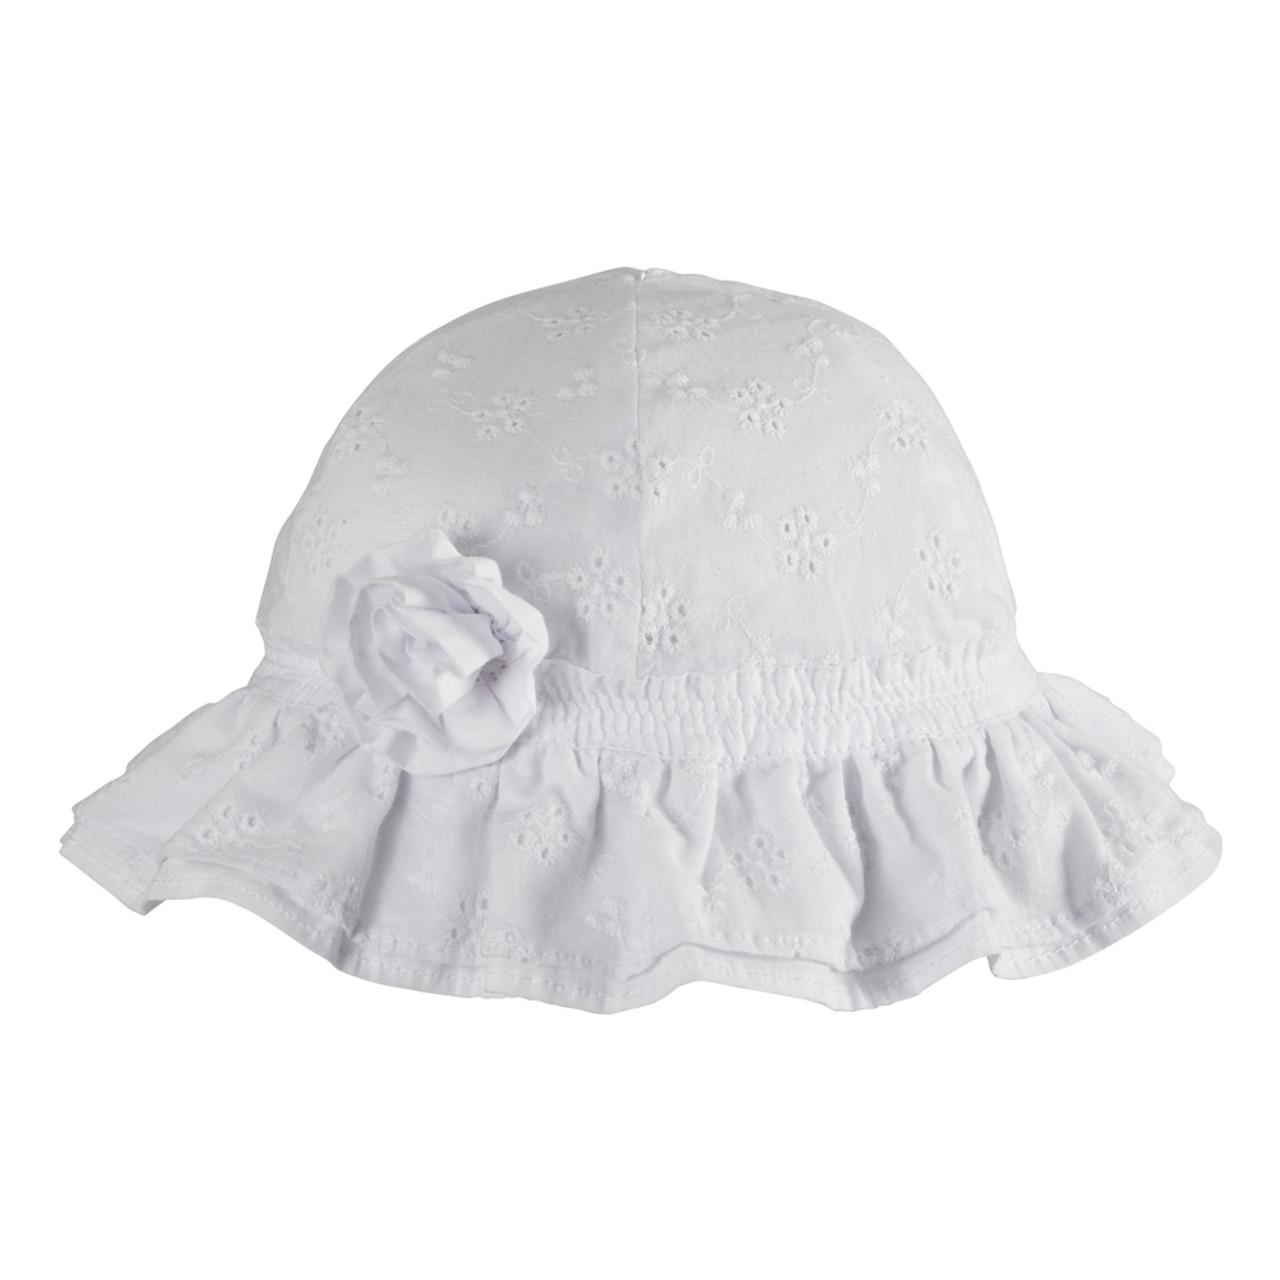 Milly Mook Summery Bucket Hat - Agapantha (LG) - Dear-Born Baby efcb404f07e